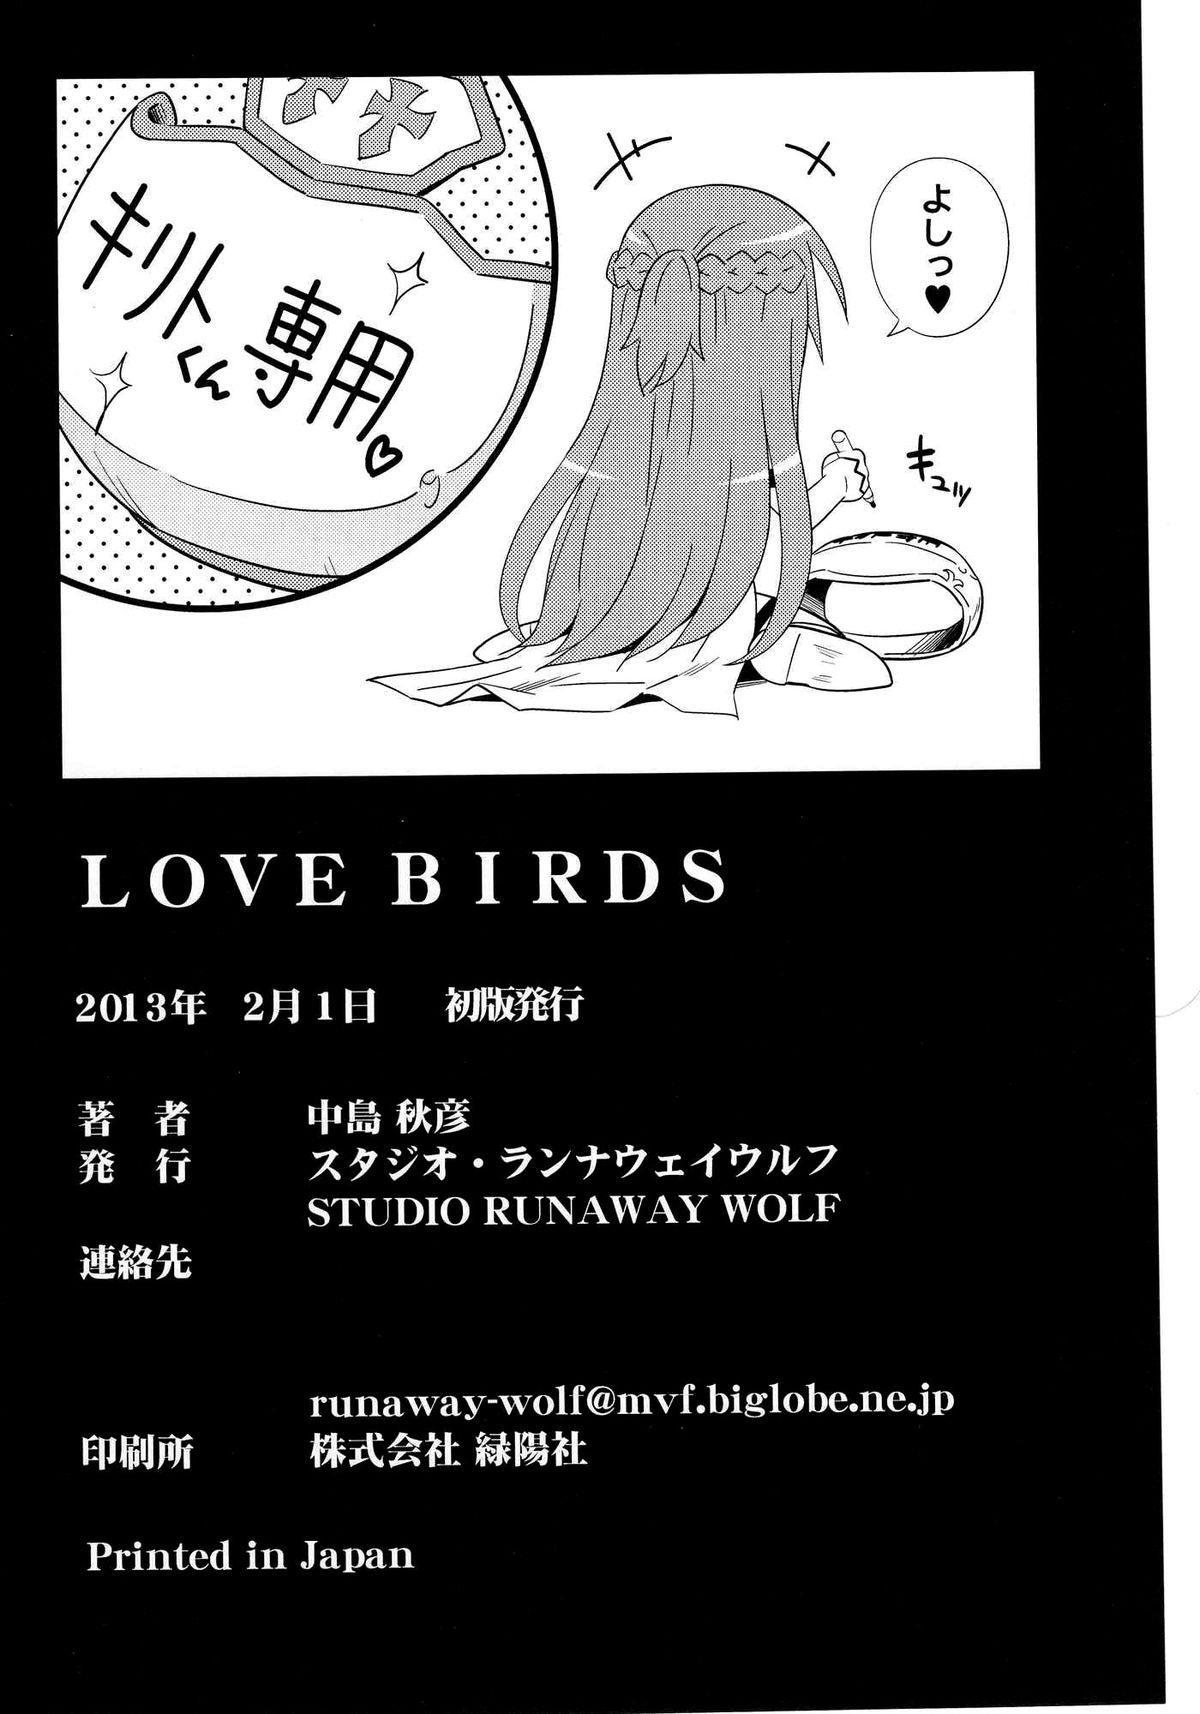 LOVE BIRDS 24